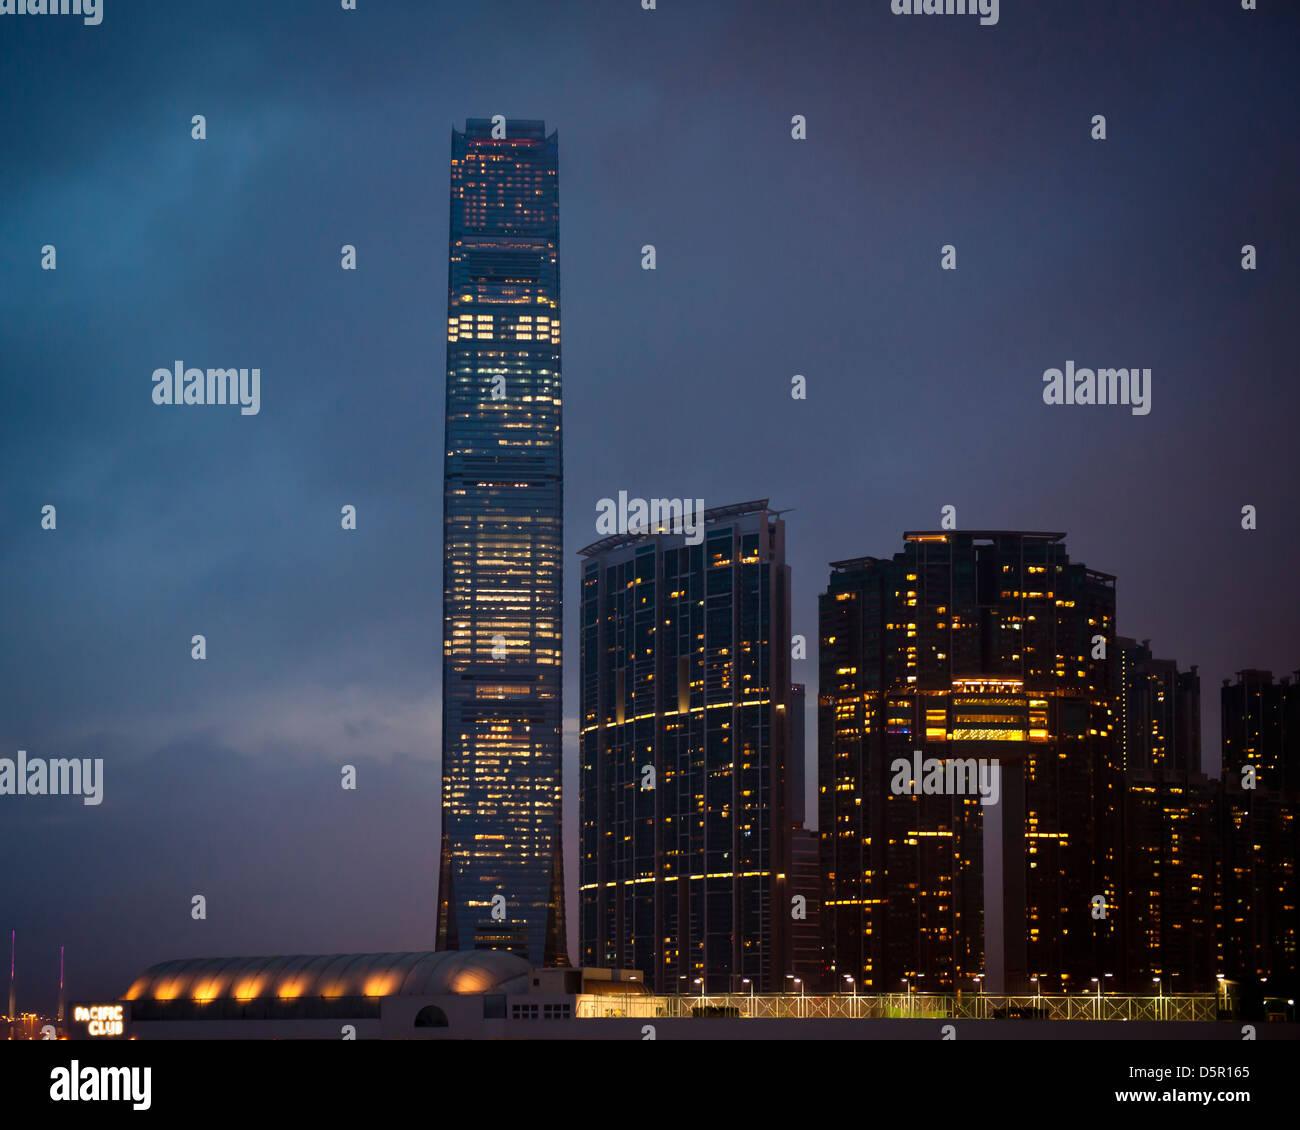 Hong Kong skyscrapers at night. - Stock Image